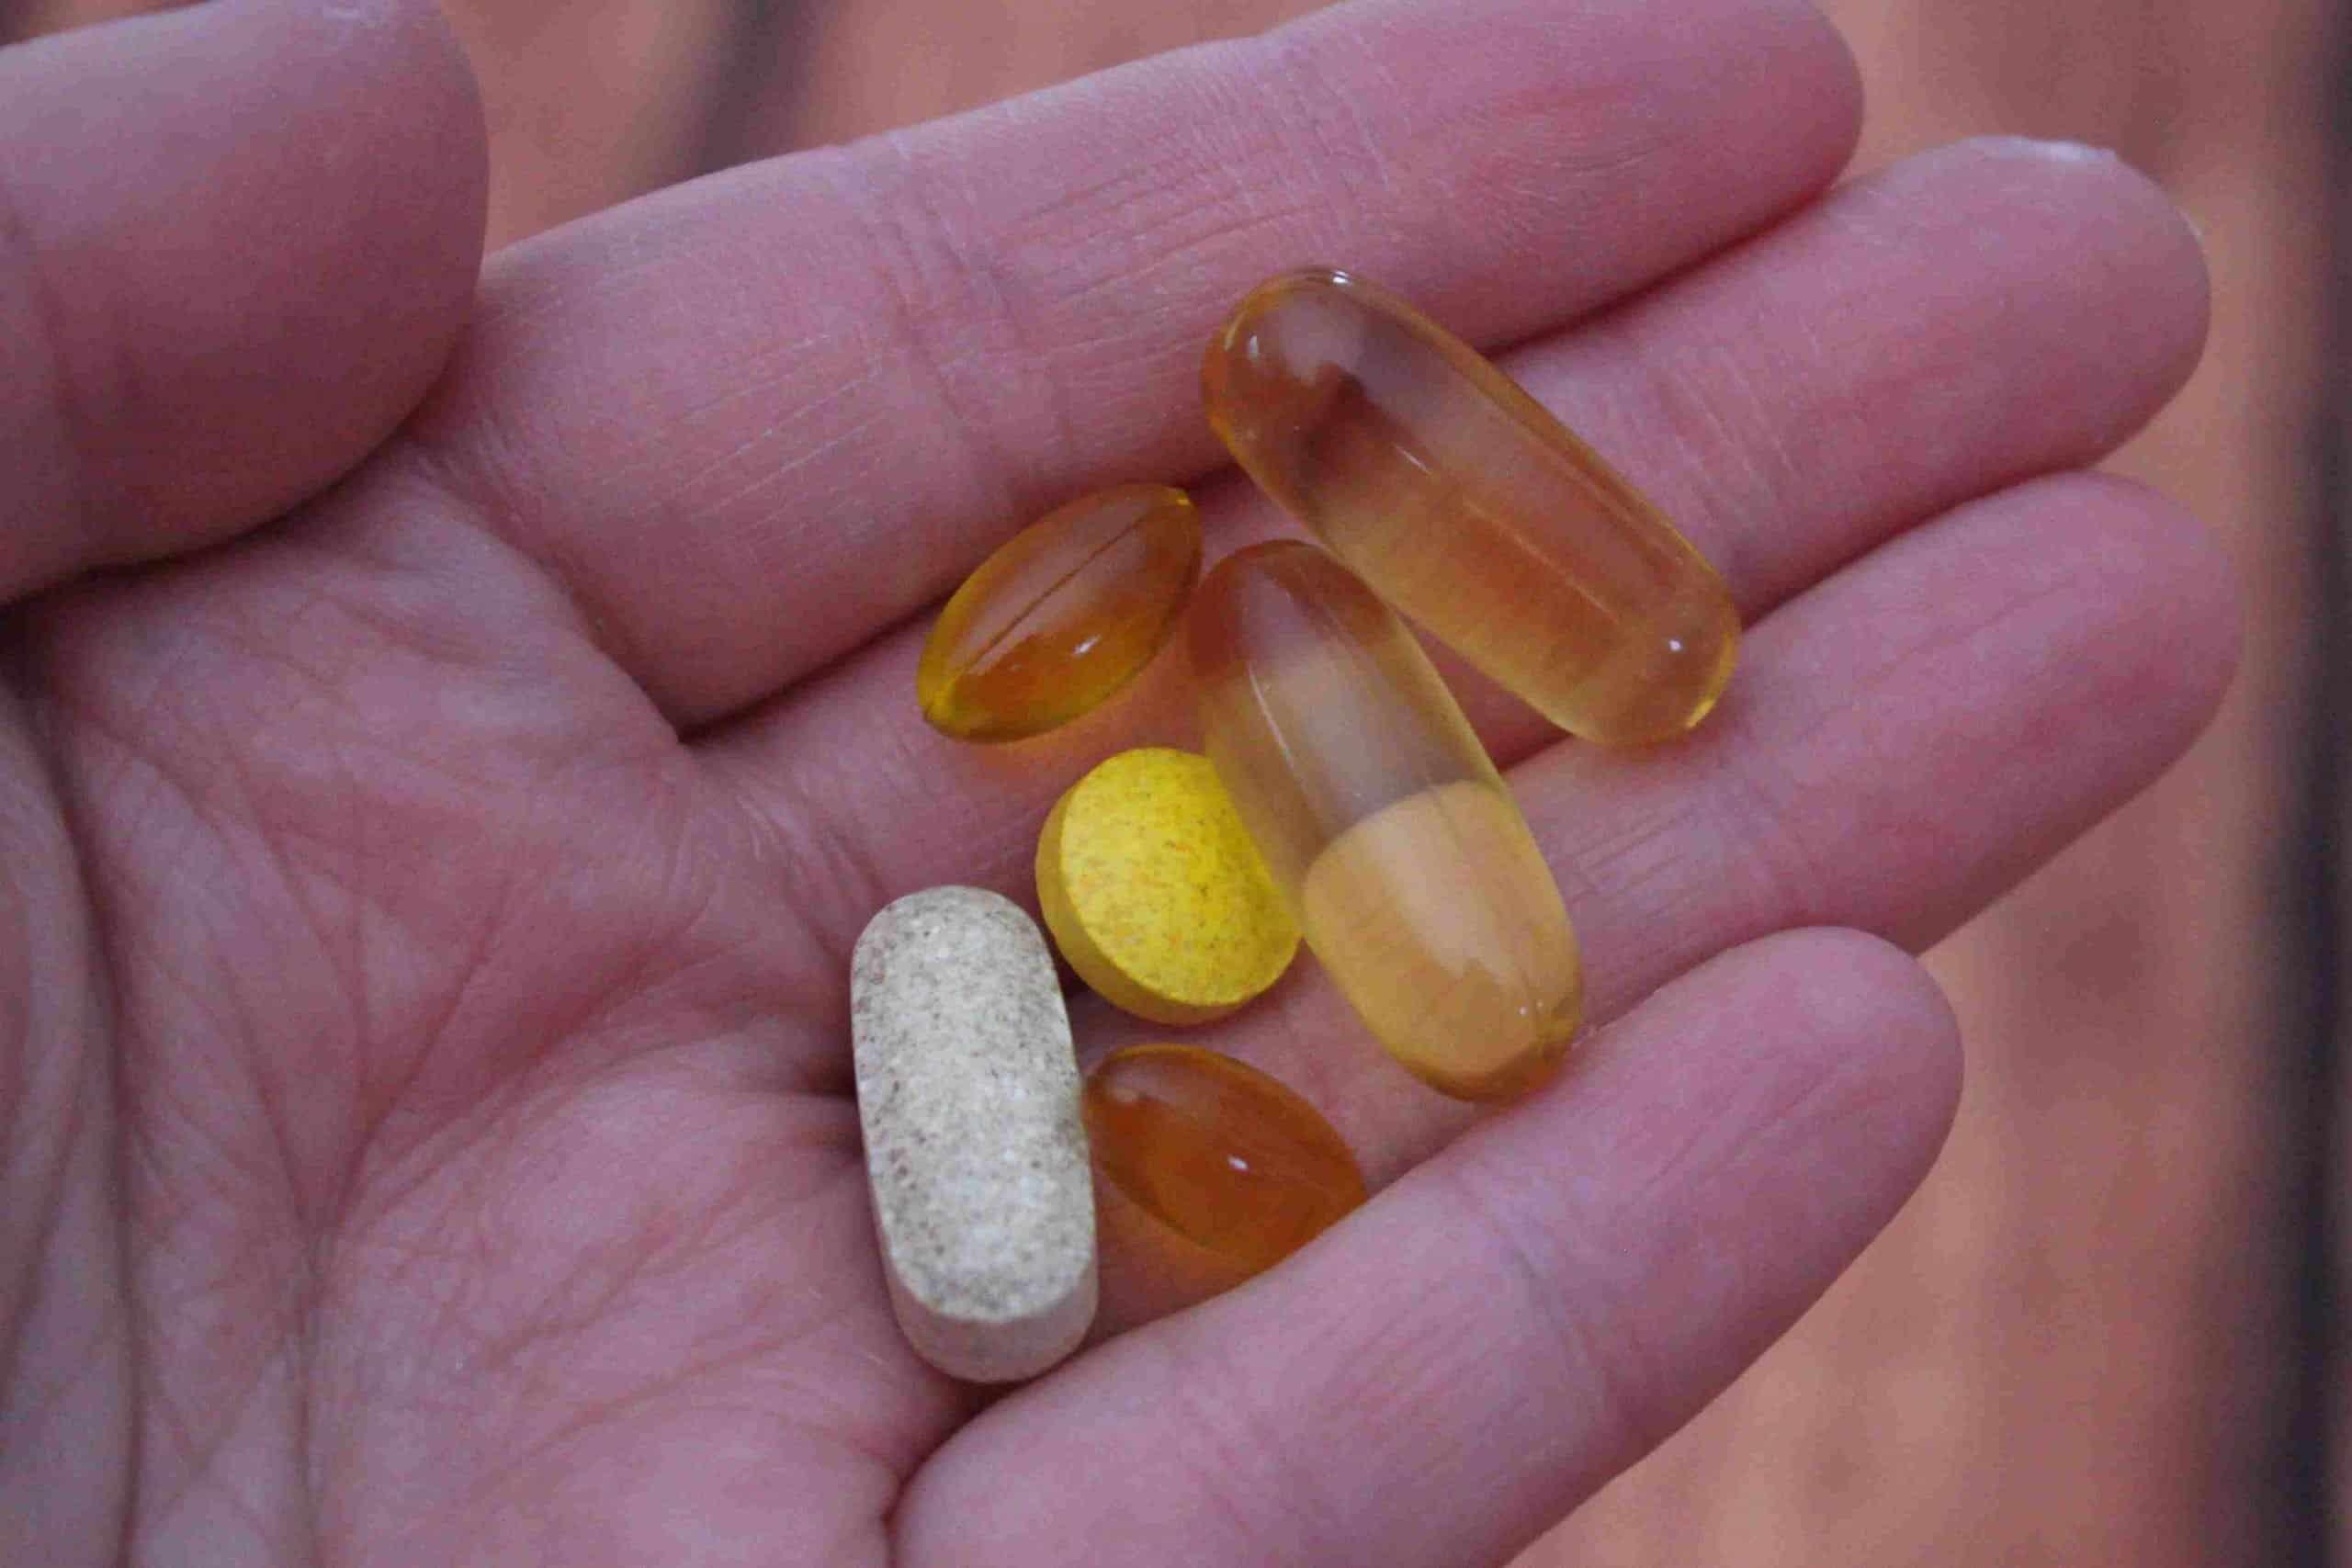 Υπάρχουν φάρμακα με σκοπό να σταματήσουν την διάρροια, αλλά καλό θα ήταν να μην τα πάρετε, εκτός και αν ο γιατρός σας κρίνει πως είναι η κατάλληλη επιλογή.